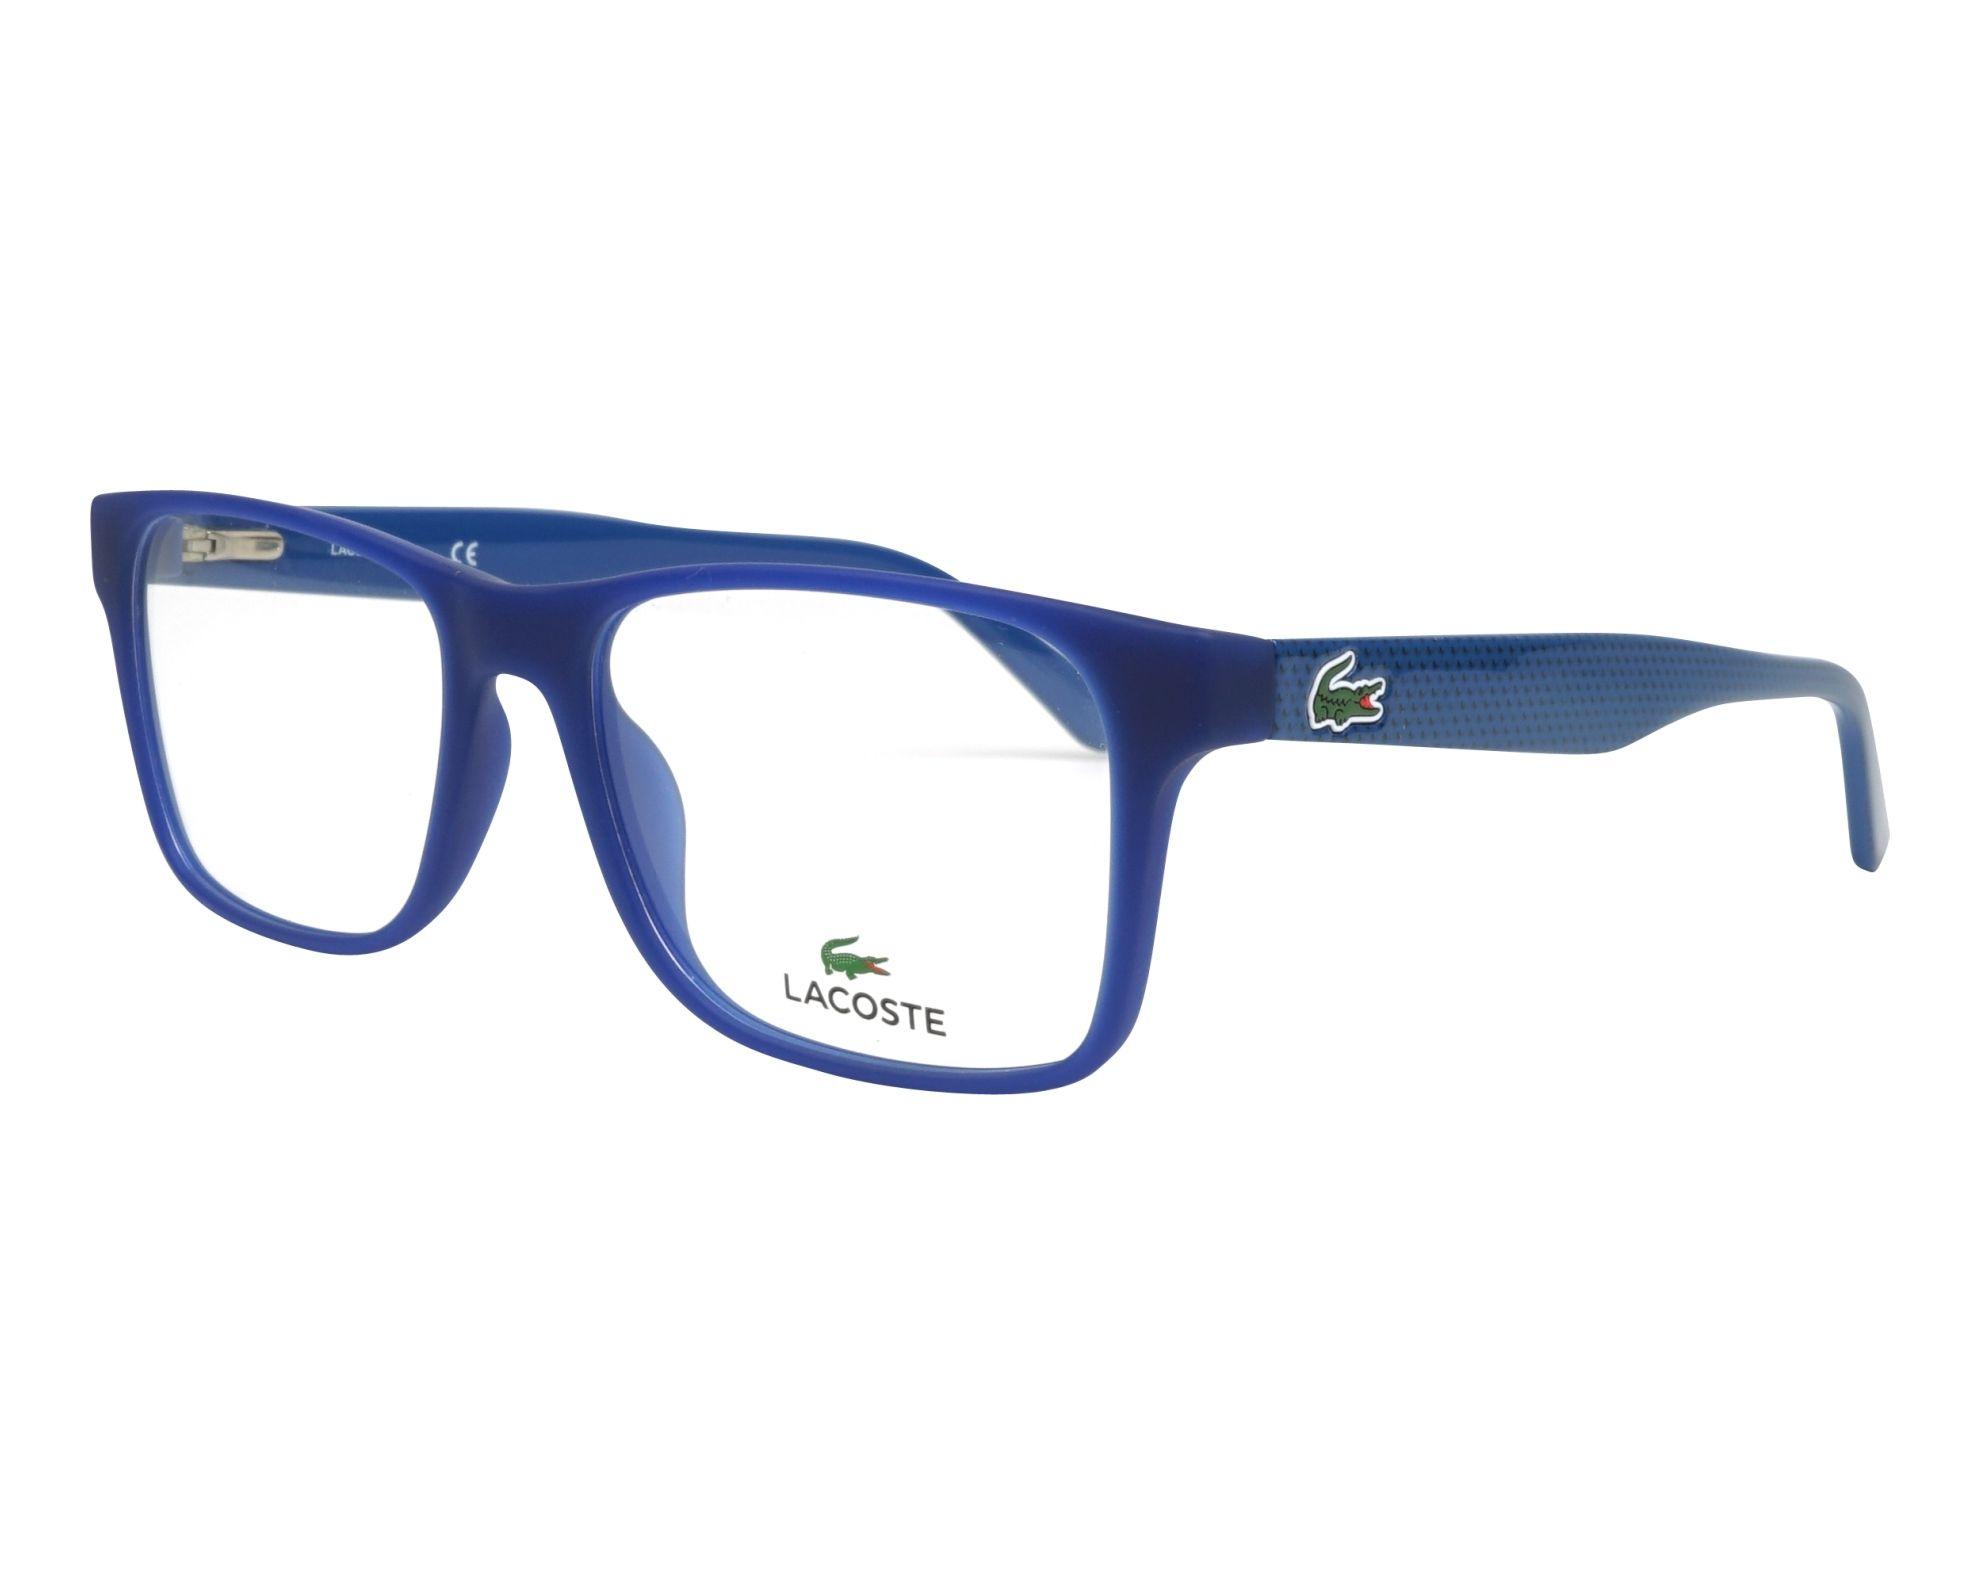 a51b5963355 Lunettes de vue Lacoste L-2741 414 53-17 Bleu Bleu vue de profil